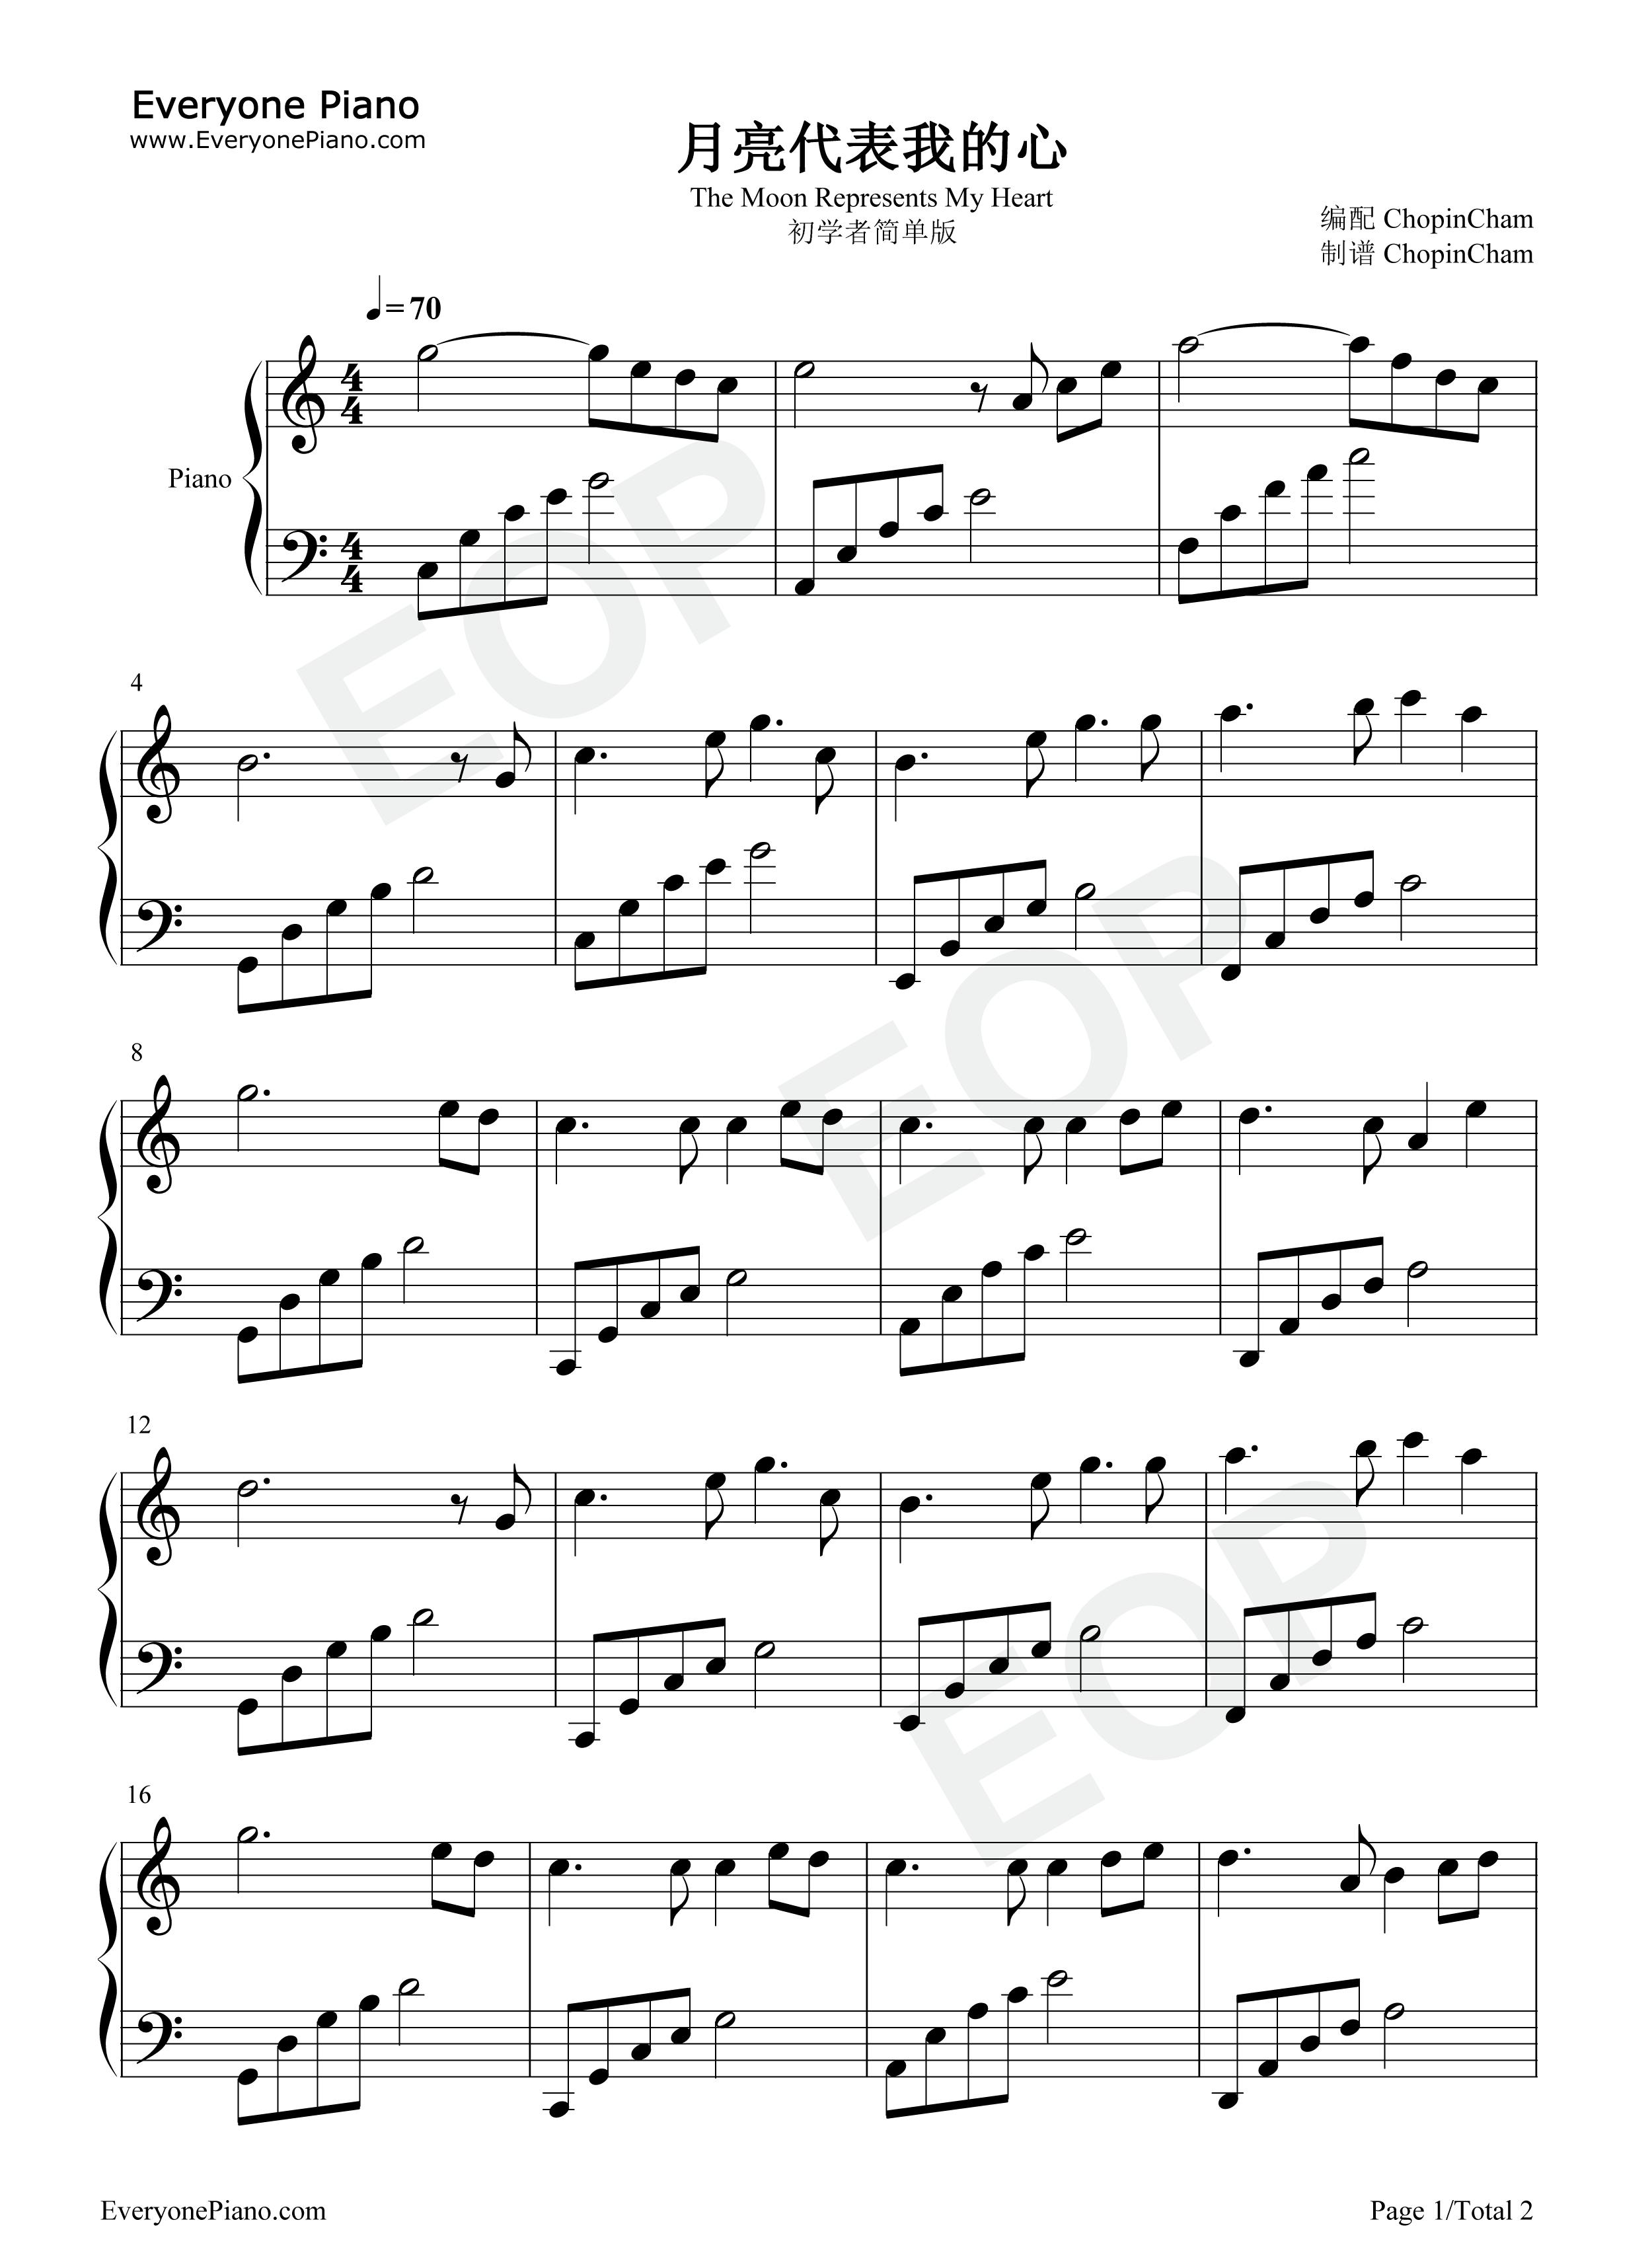 月亮代表我的心五线谱预览1-钢琴谱